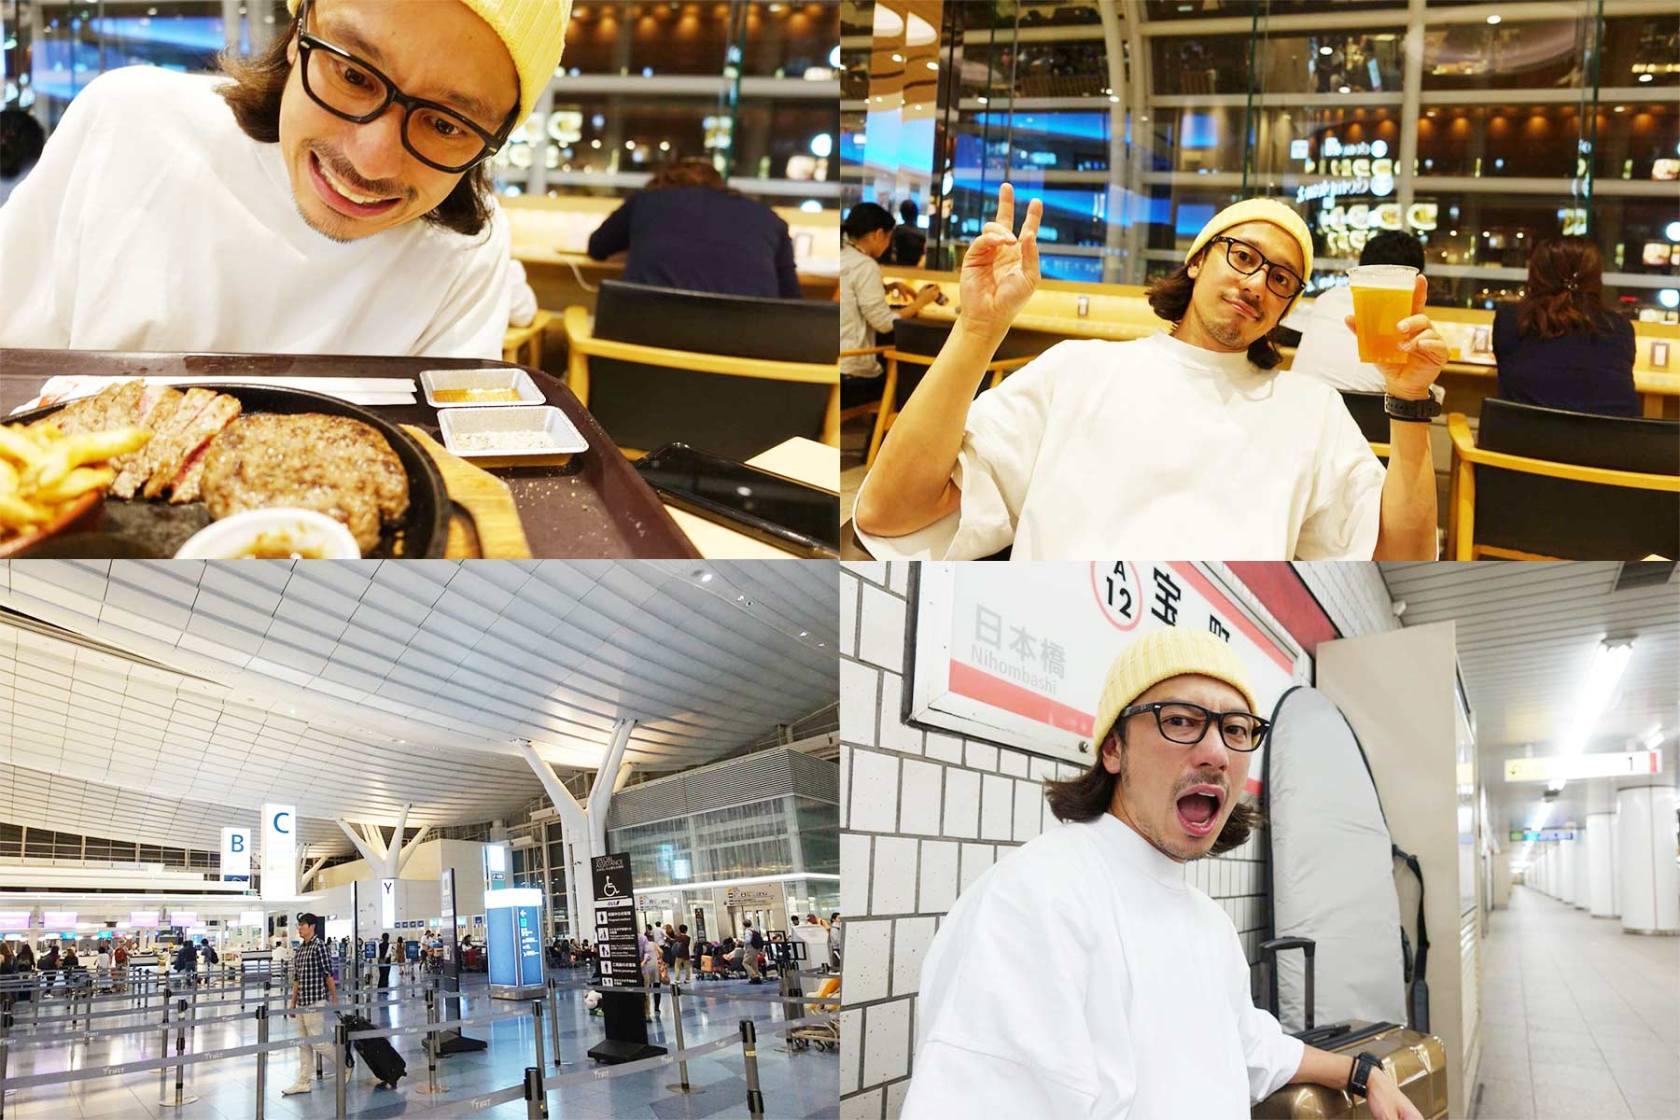 長門の【#最高の夏休み】初日!!深夜の羽田空港フードコートは食の宝庫!